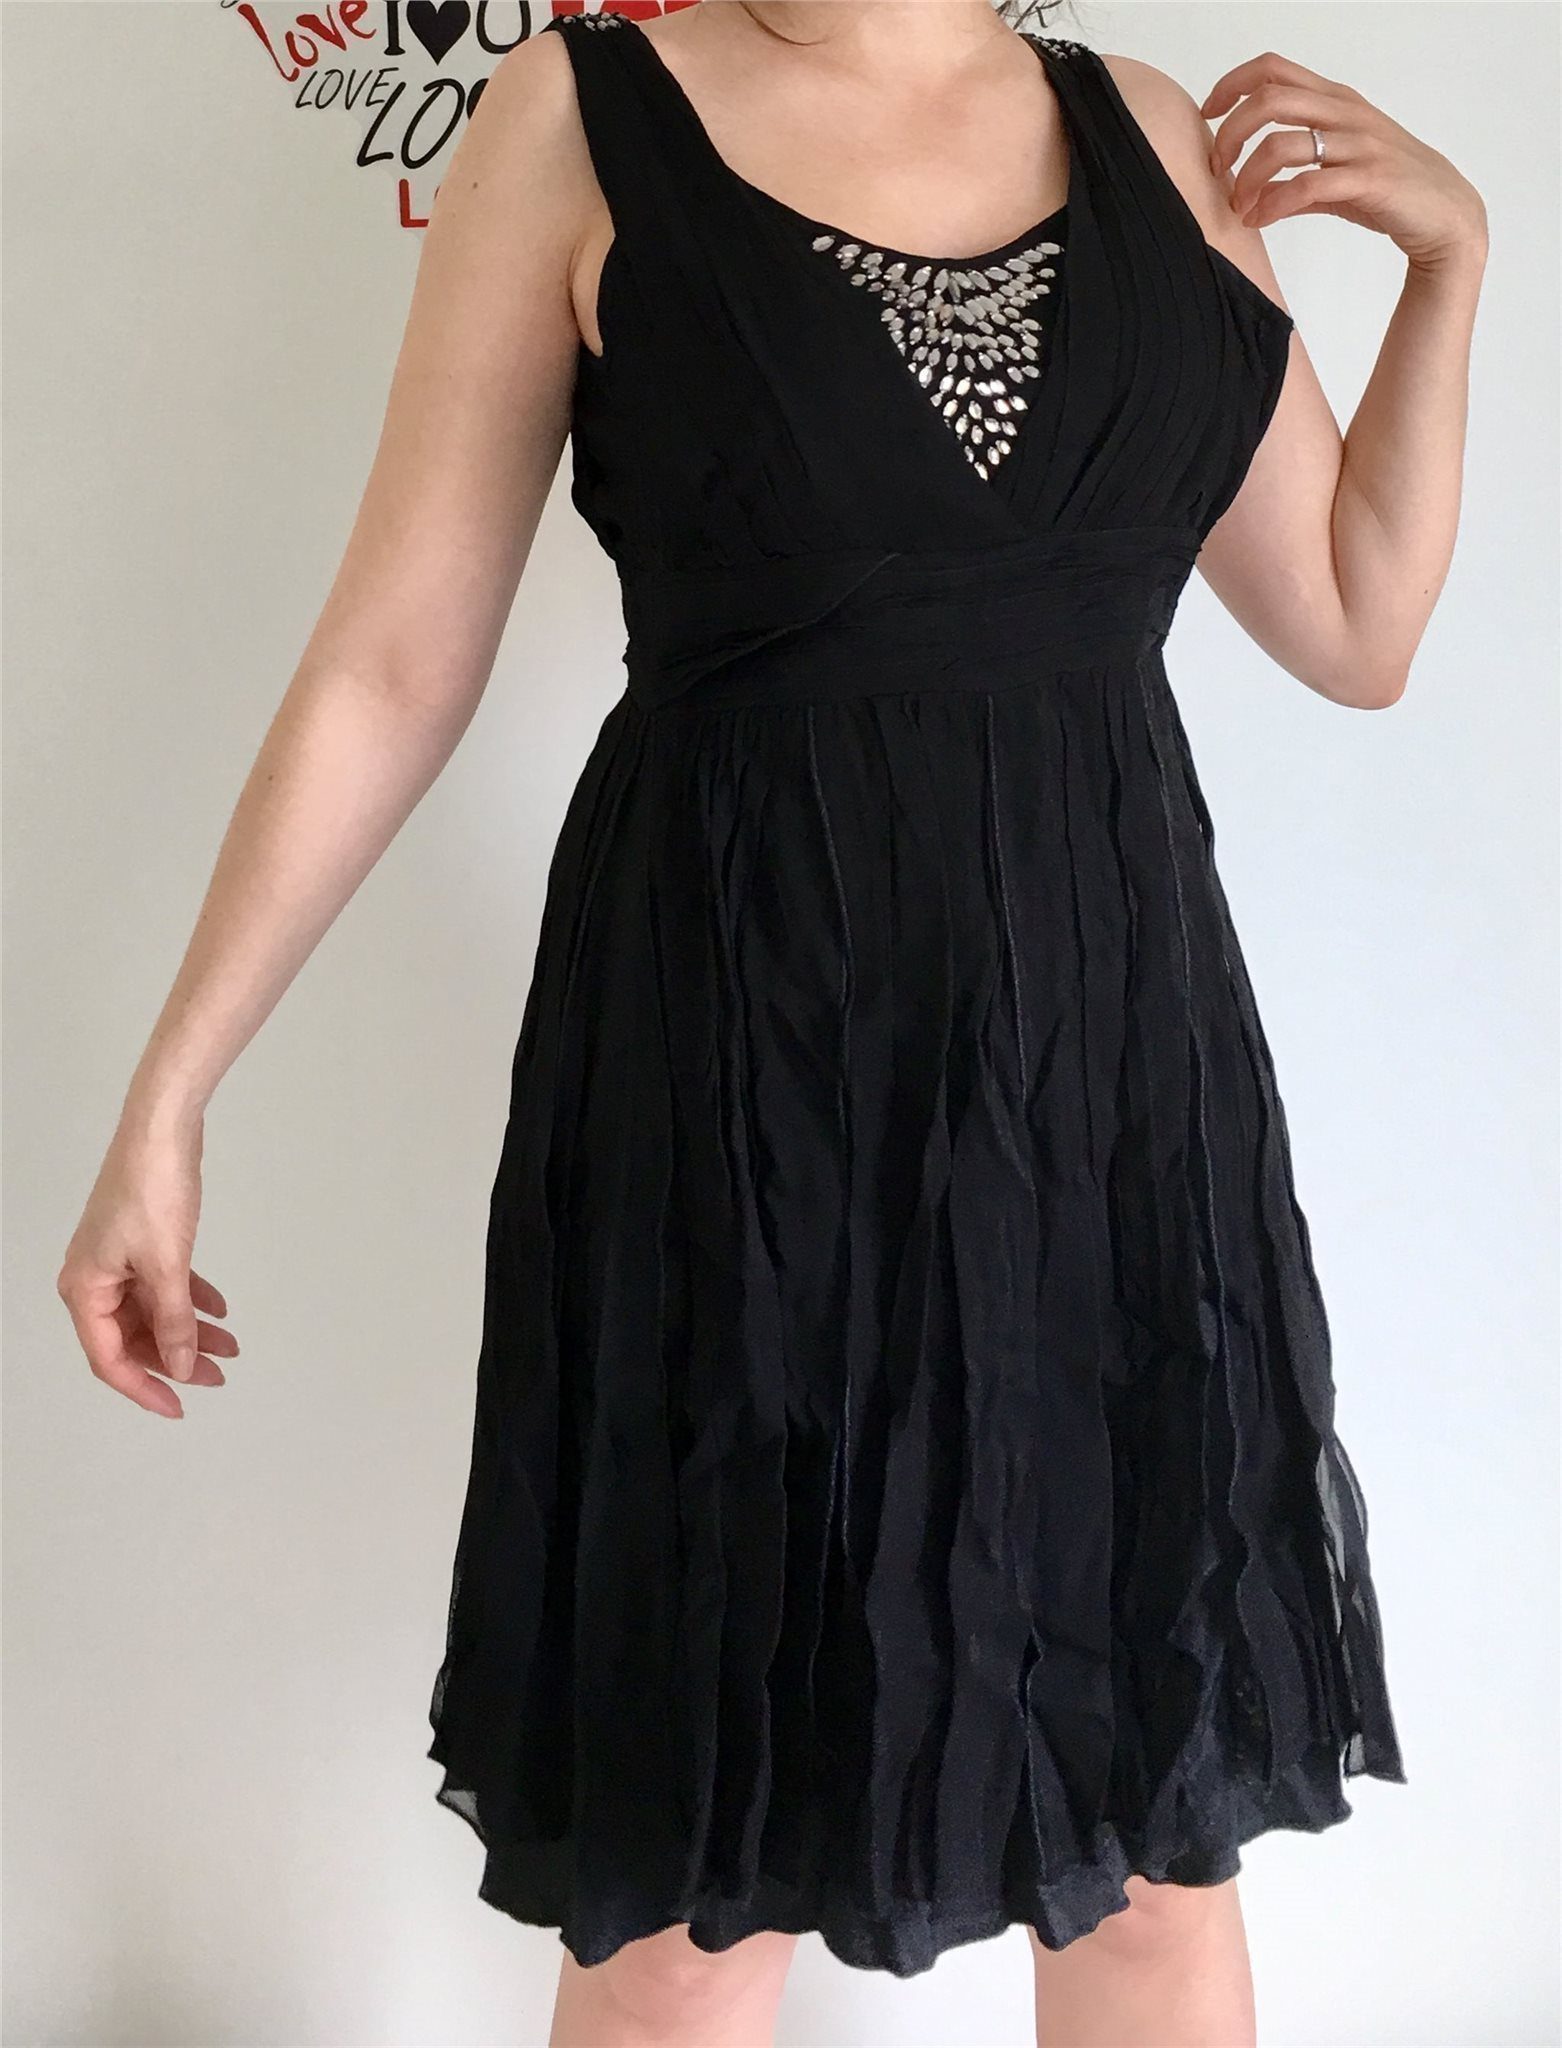 svart klänning fest